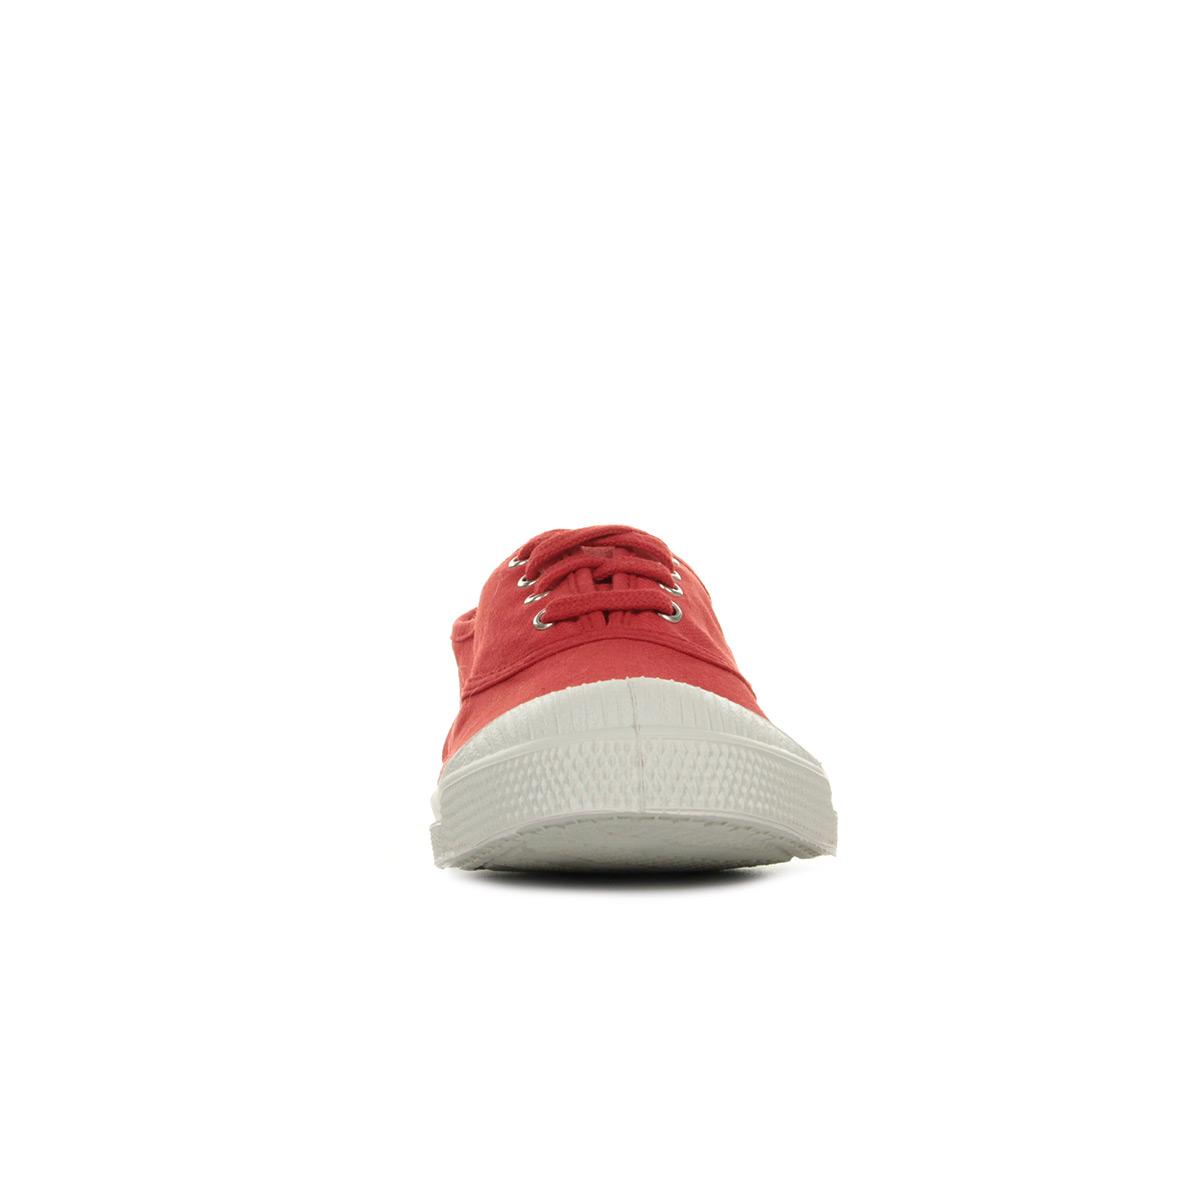 2172fa77c923d3 Bensimon Tennis Lacet Rouge F15004C15B310, Baskets mode femme